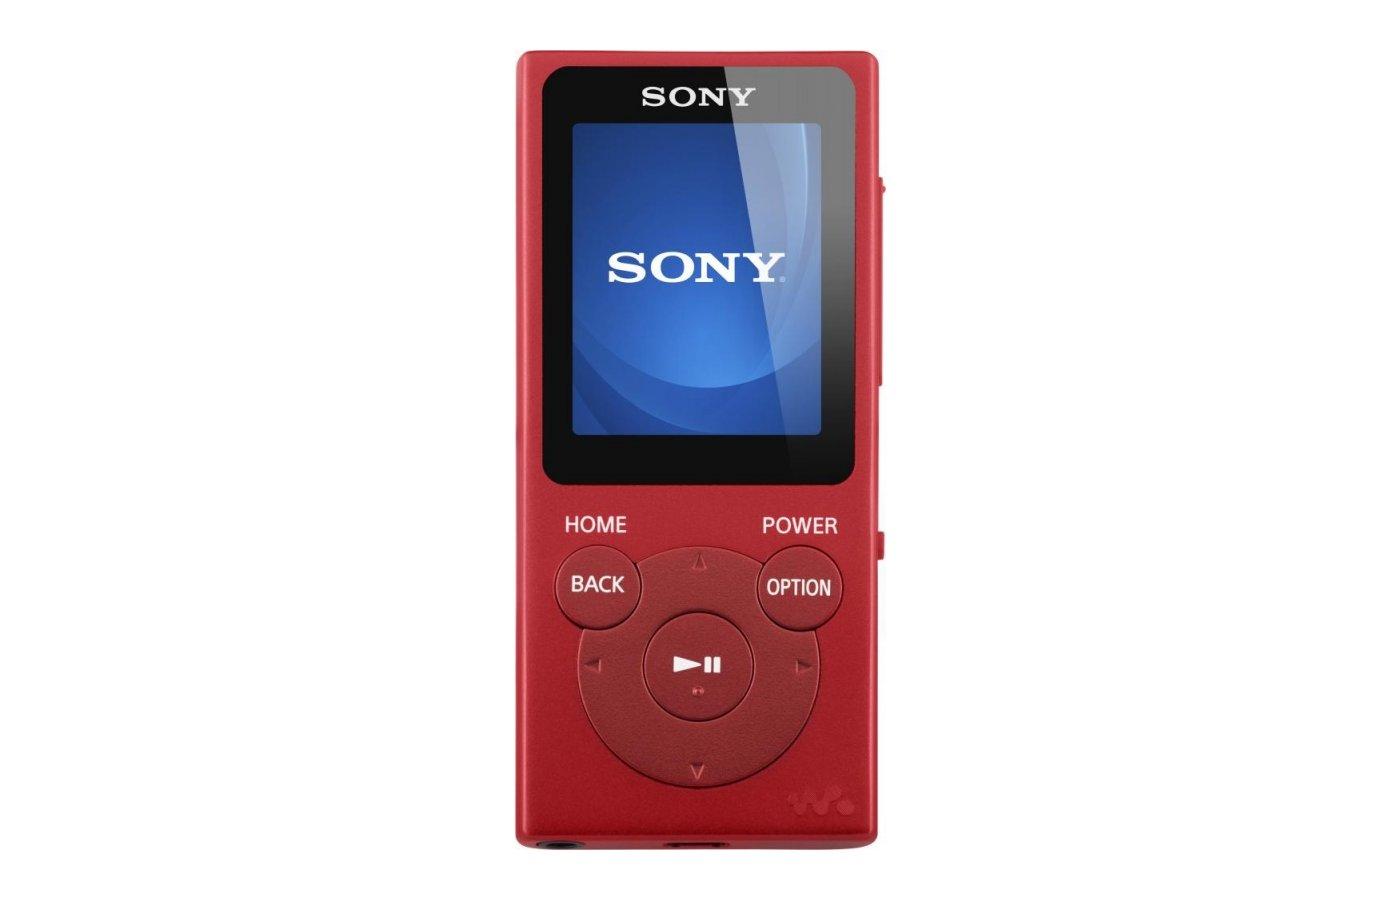 МР3 плеер SONY NW-E394 красный